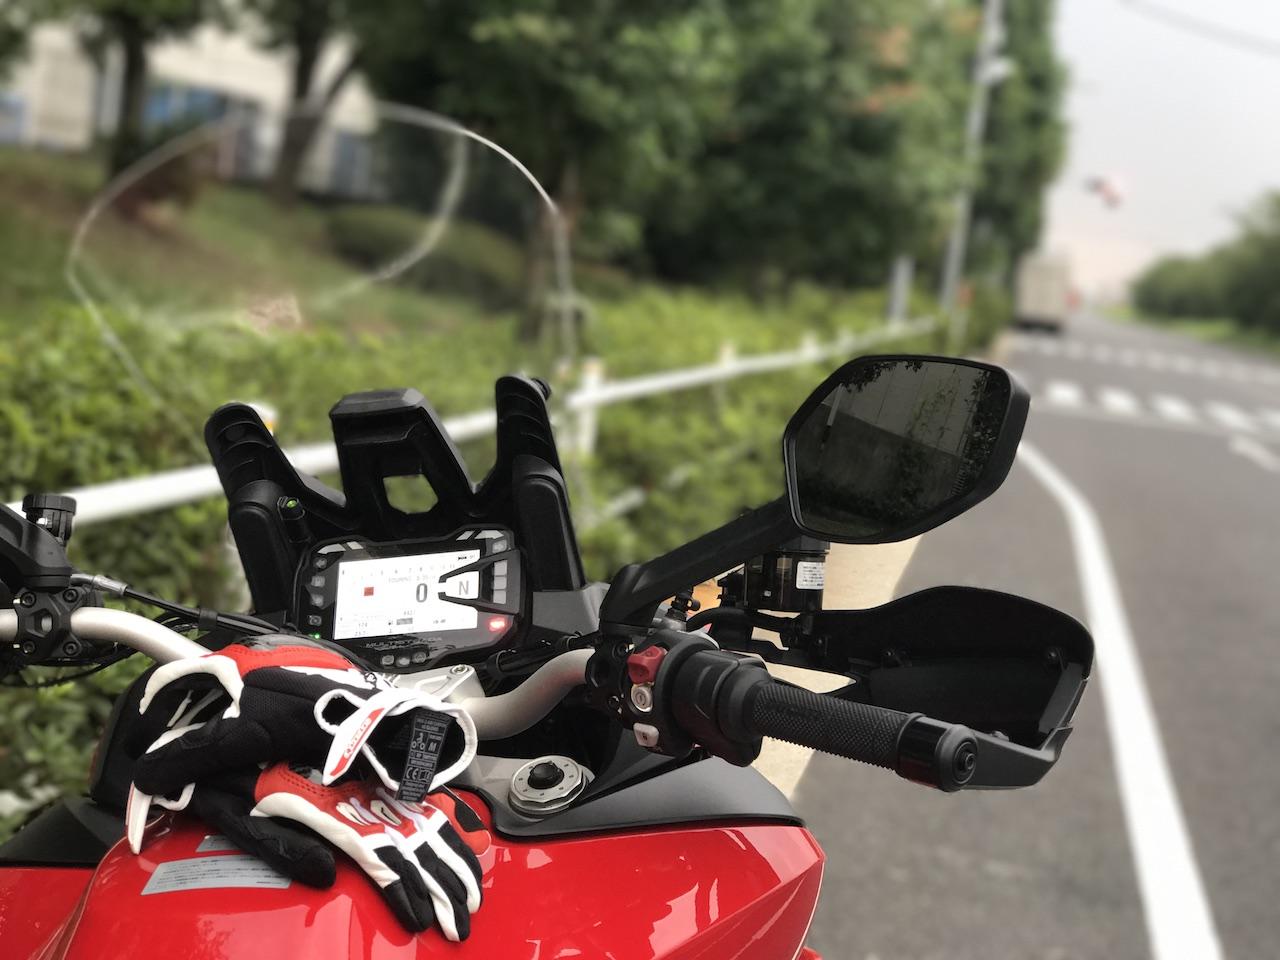 Sony HDR-AS300のアクションカメラをヘルメットにつけて走行映像を撮影してみたぞ!風切り音がすごい。。